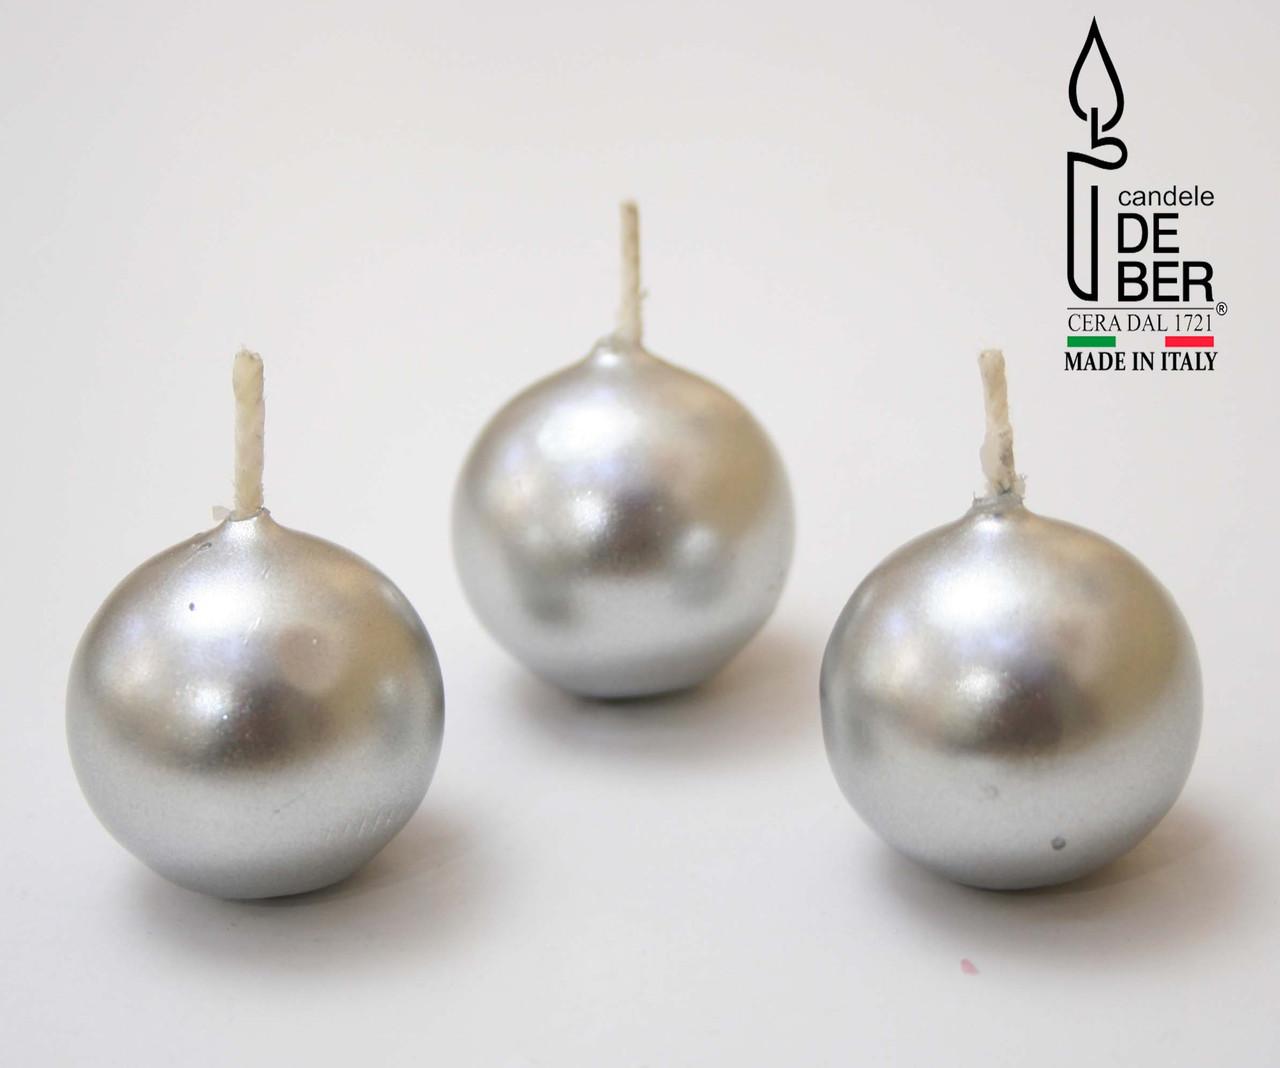 Свеча круглая Silver. Ручная работа, Италия